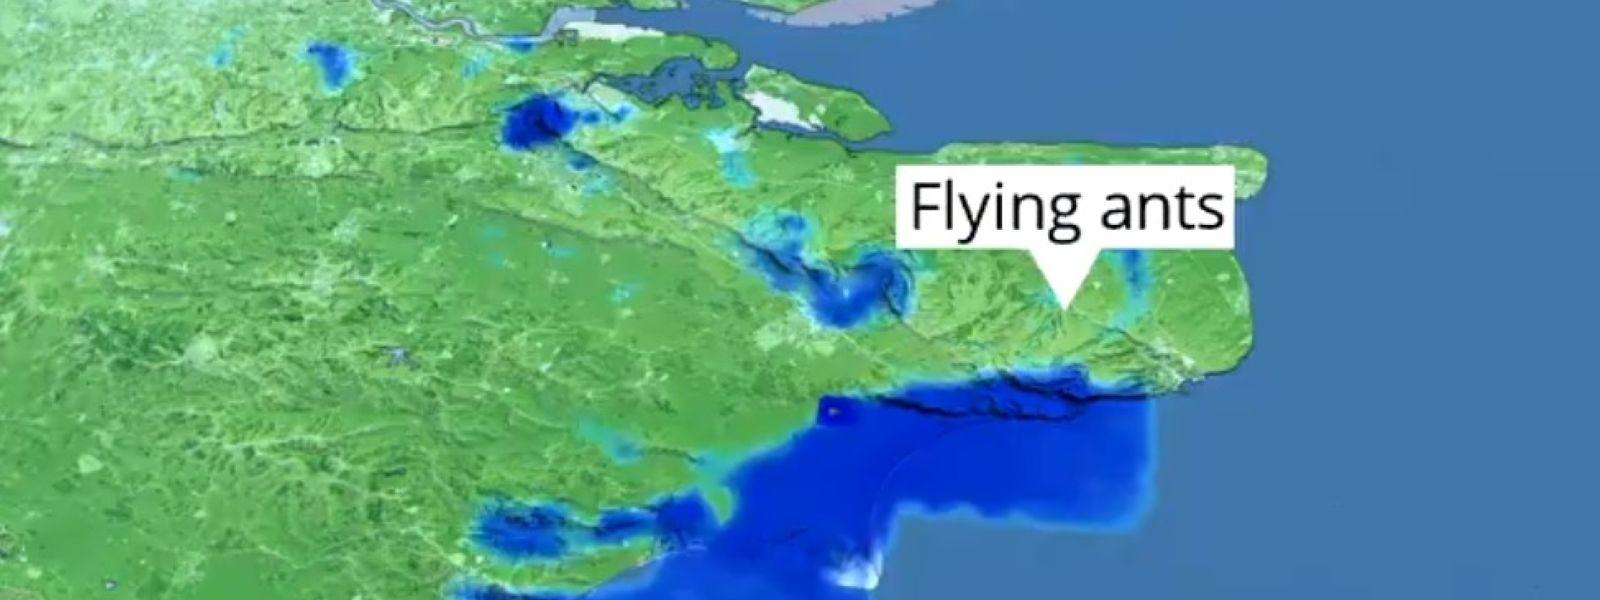 Das Radarbild zeigt einen Schwarm von fliegenden Ameisen über dem Südosten Englands.